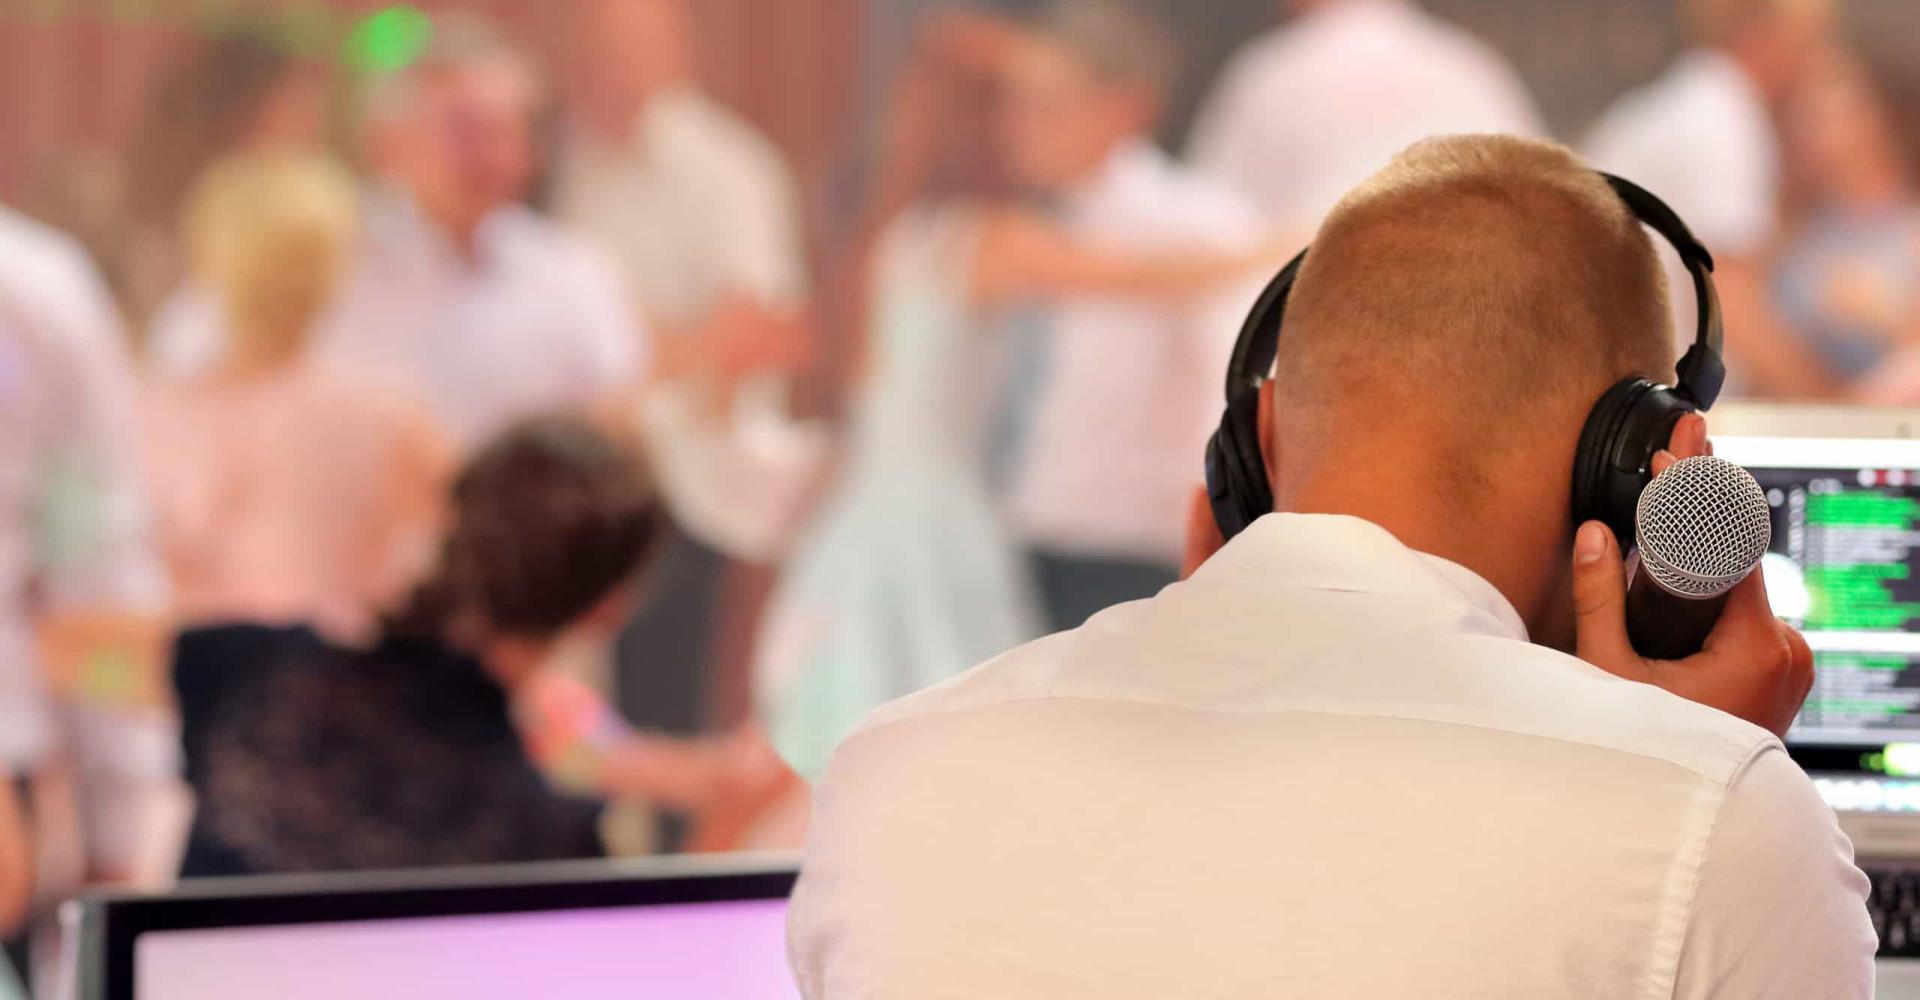 Braut verliebt sich in den Hochzeits-DJ